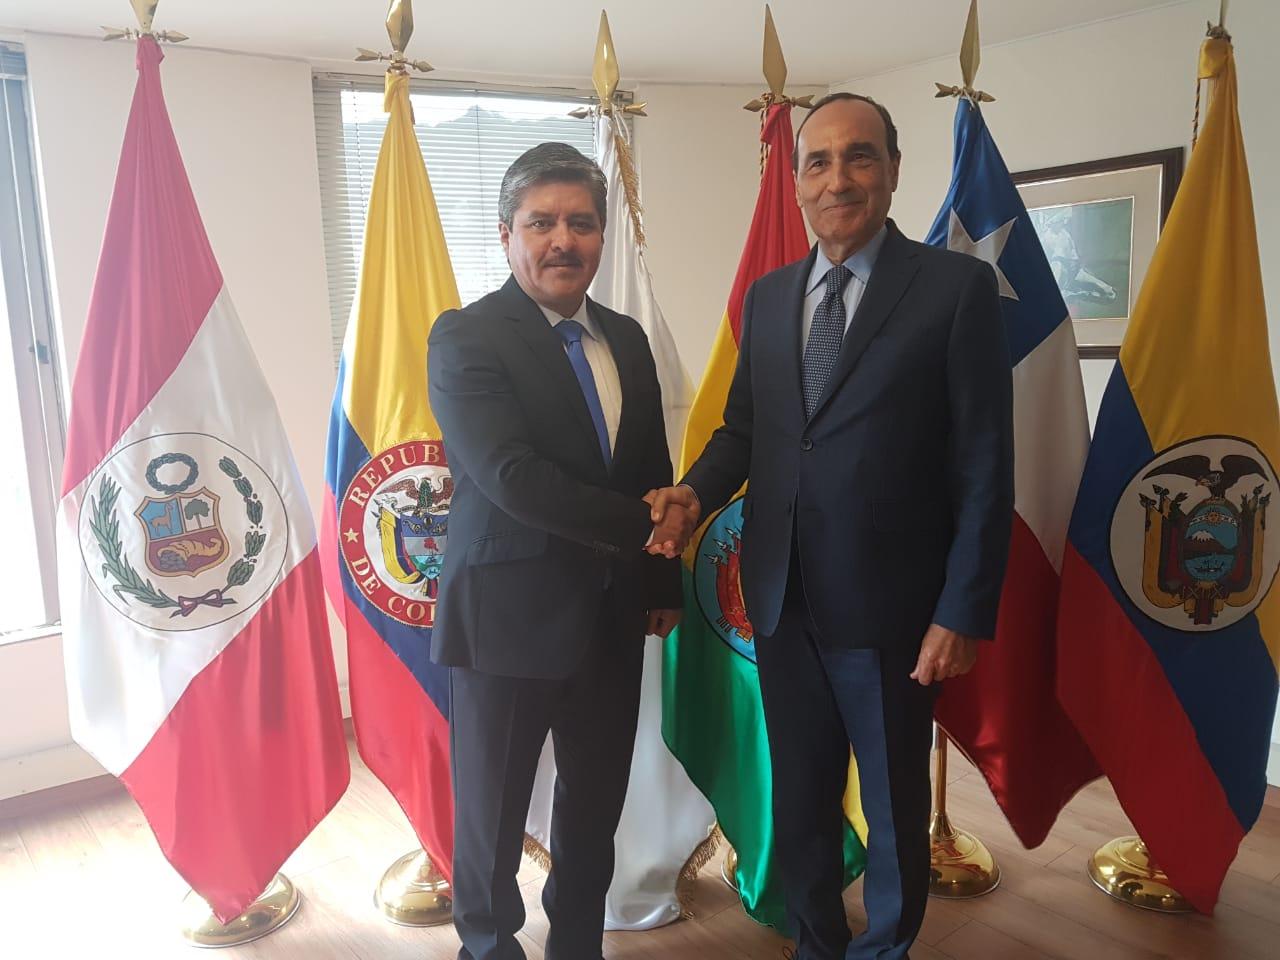 شي خدام وشي مفطح فماربيا/الحبيب المالكي يعقد جلسة عمل مع رئيس برلمان الأنديز بكولومبيا